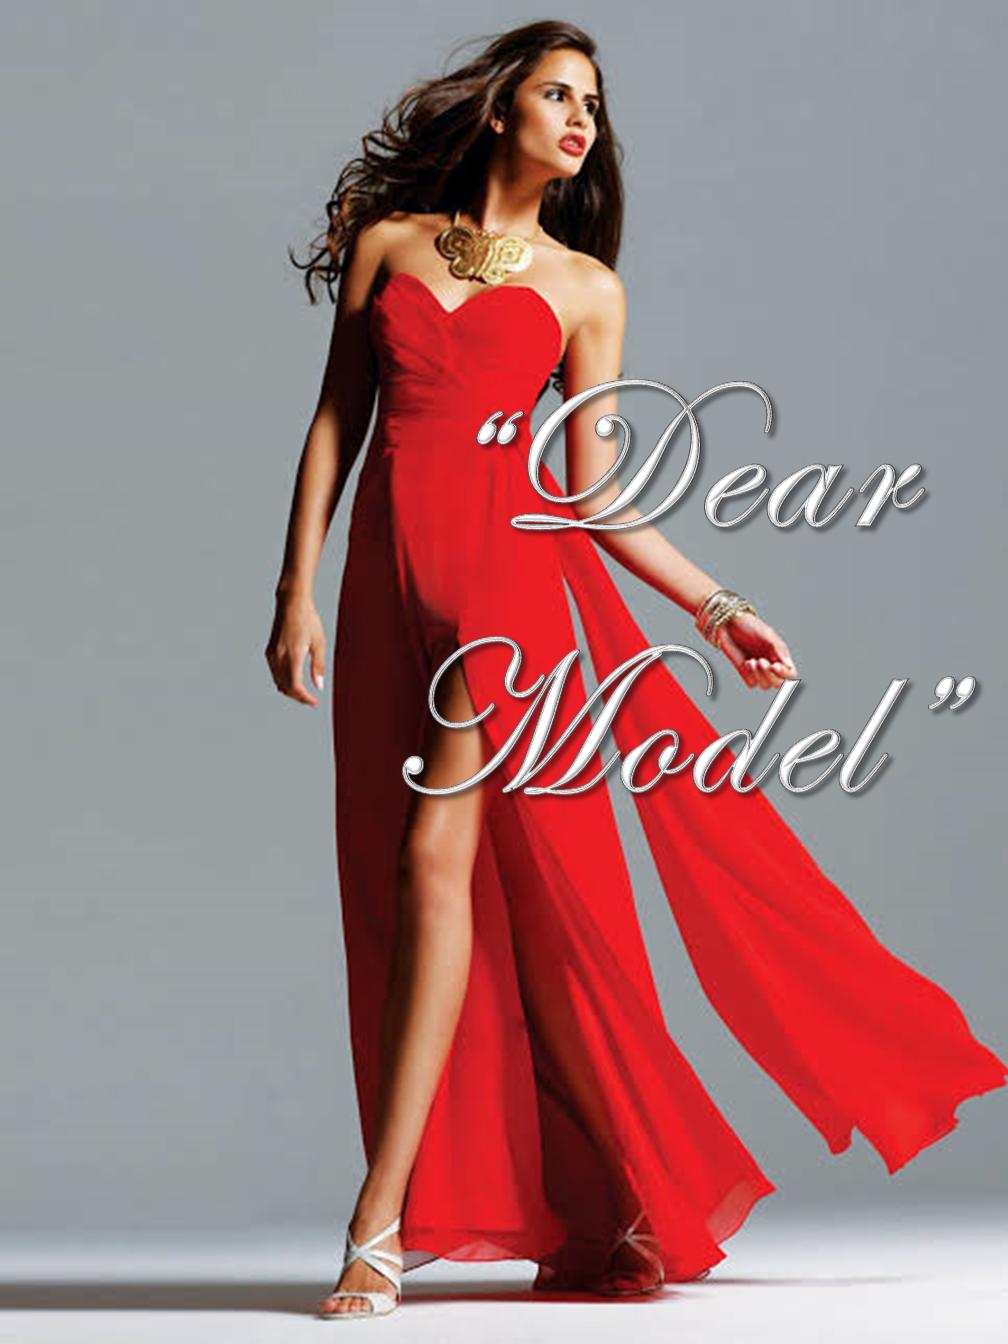 Dear Model...